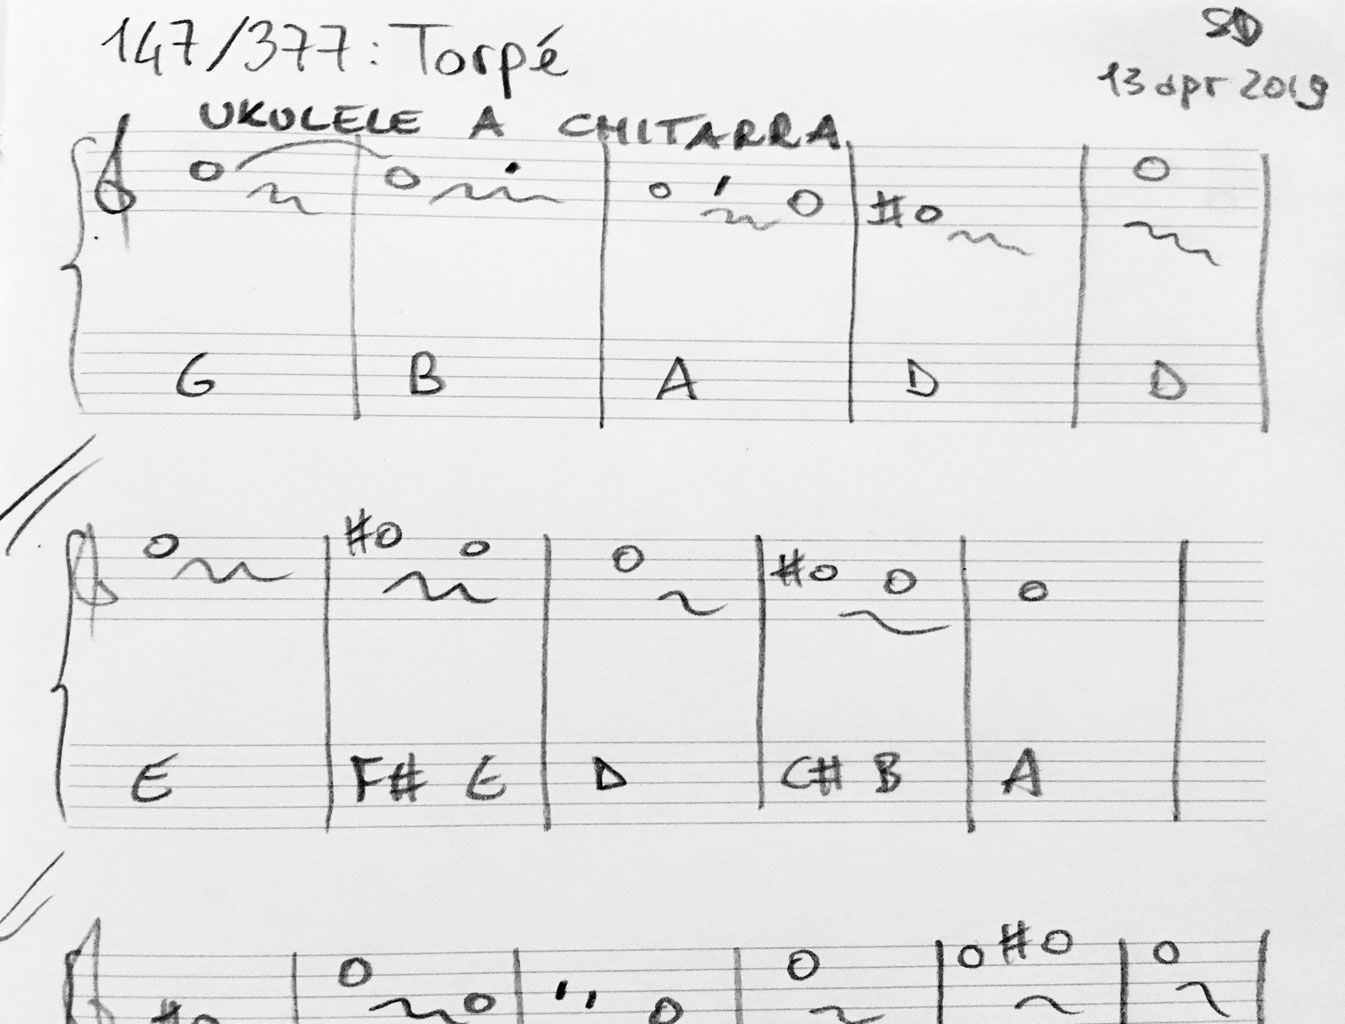 147-Torpè-score